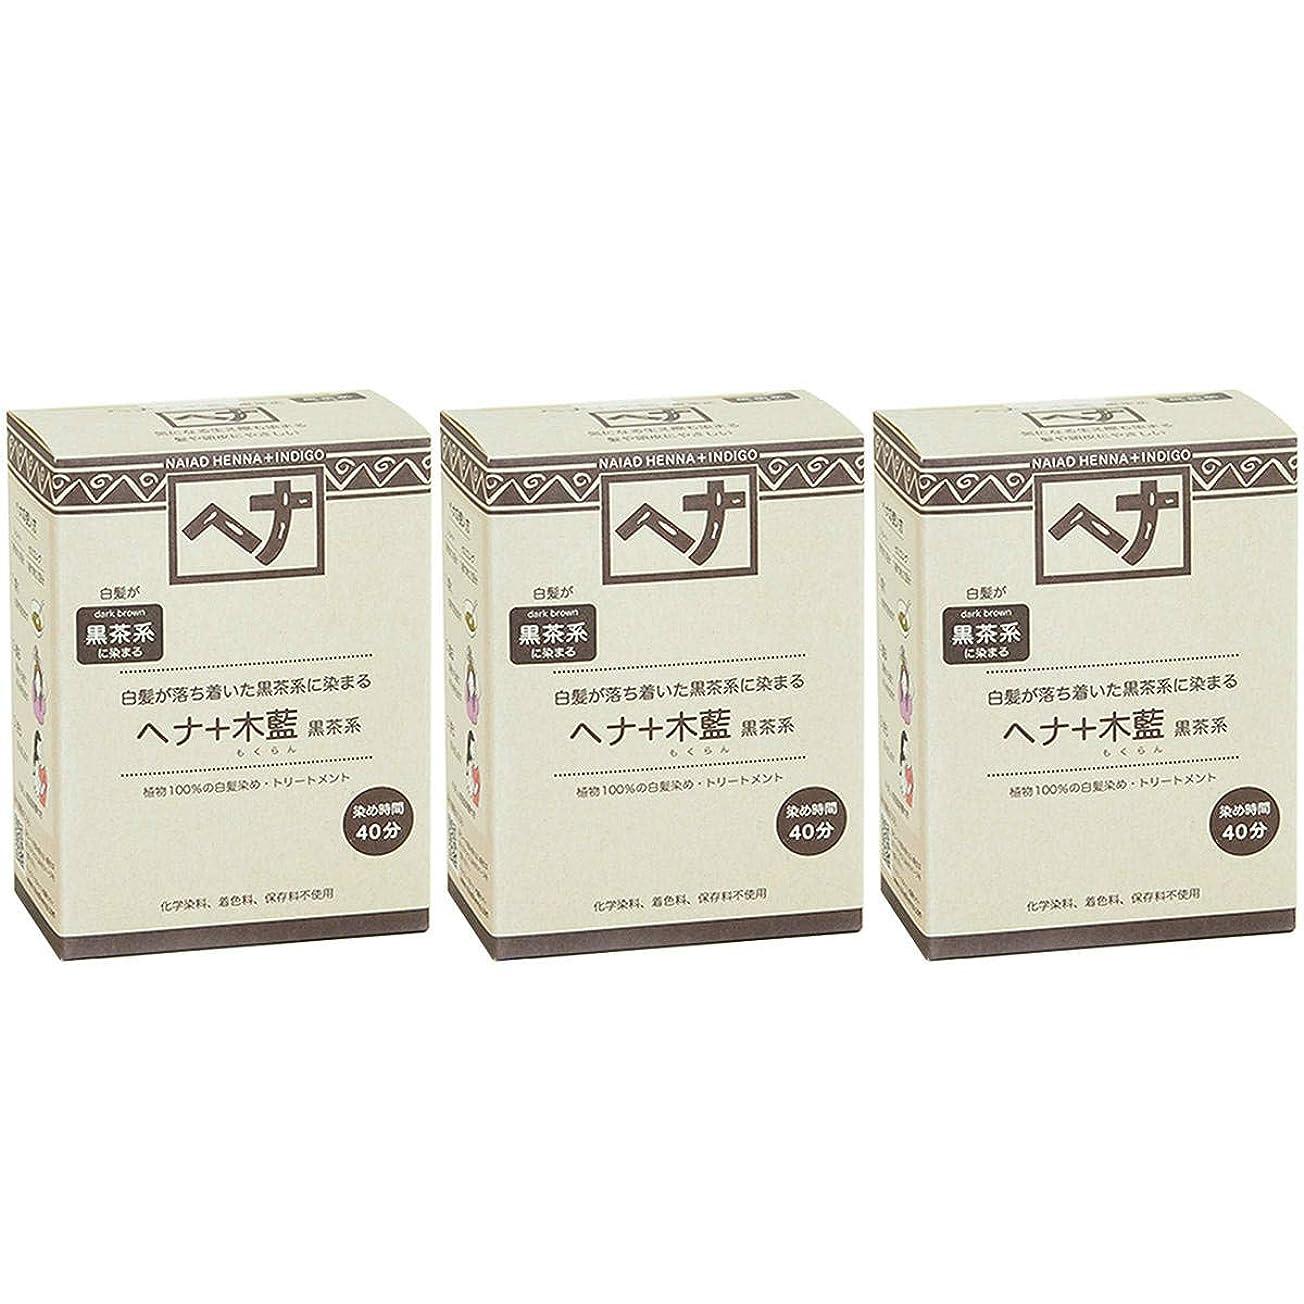 プレゼンテーション伝える場所ナイアード ヘナ + 木藍 黒茶系 白髪が落ち着いた黒茶系に染まる 100g 3個セット